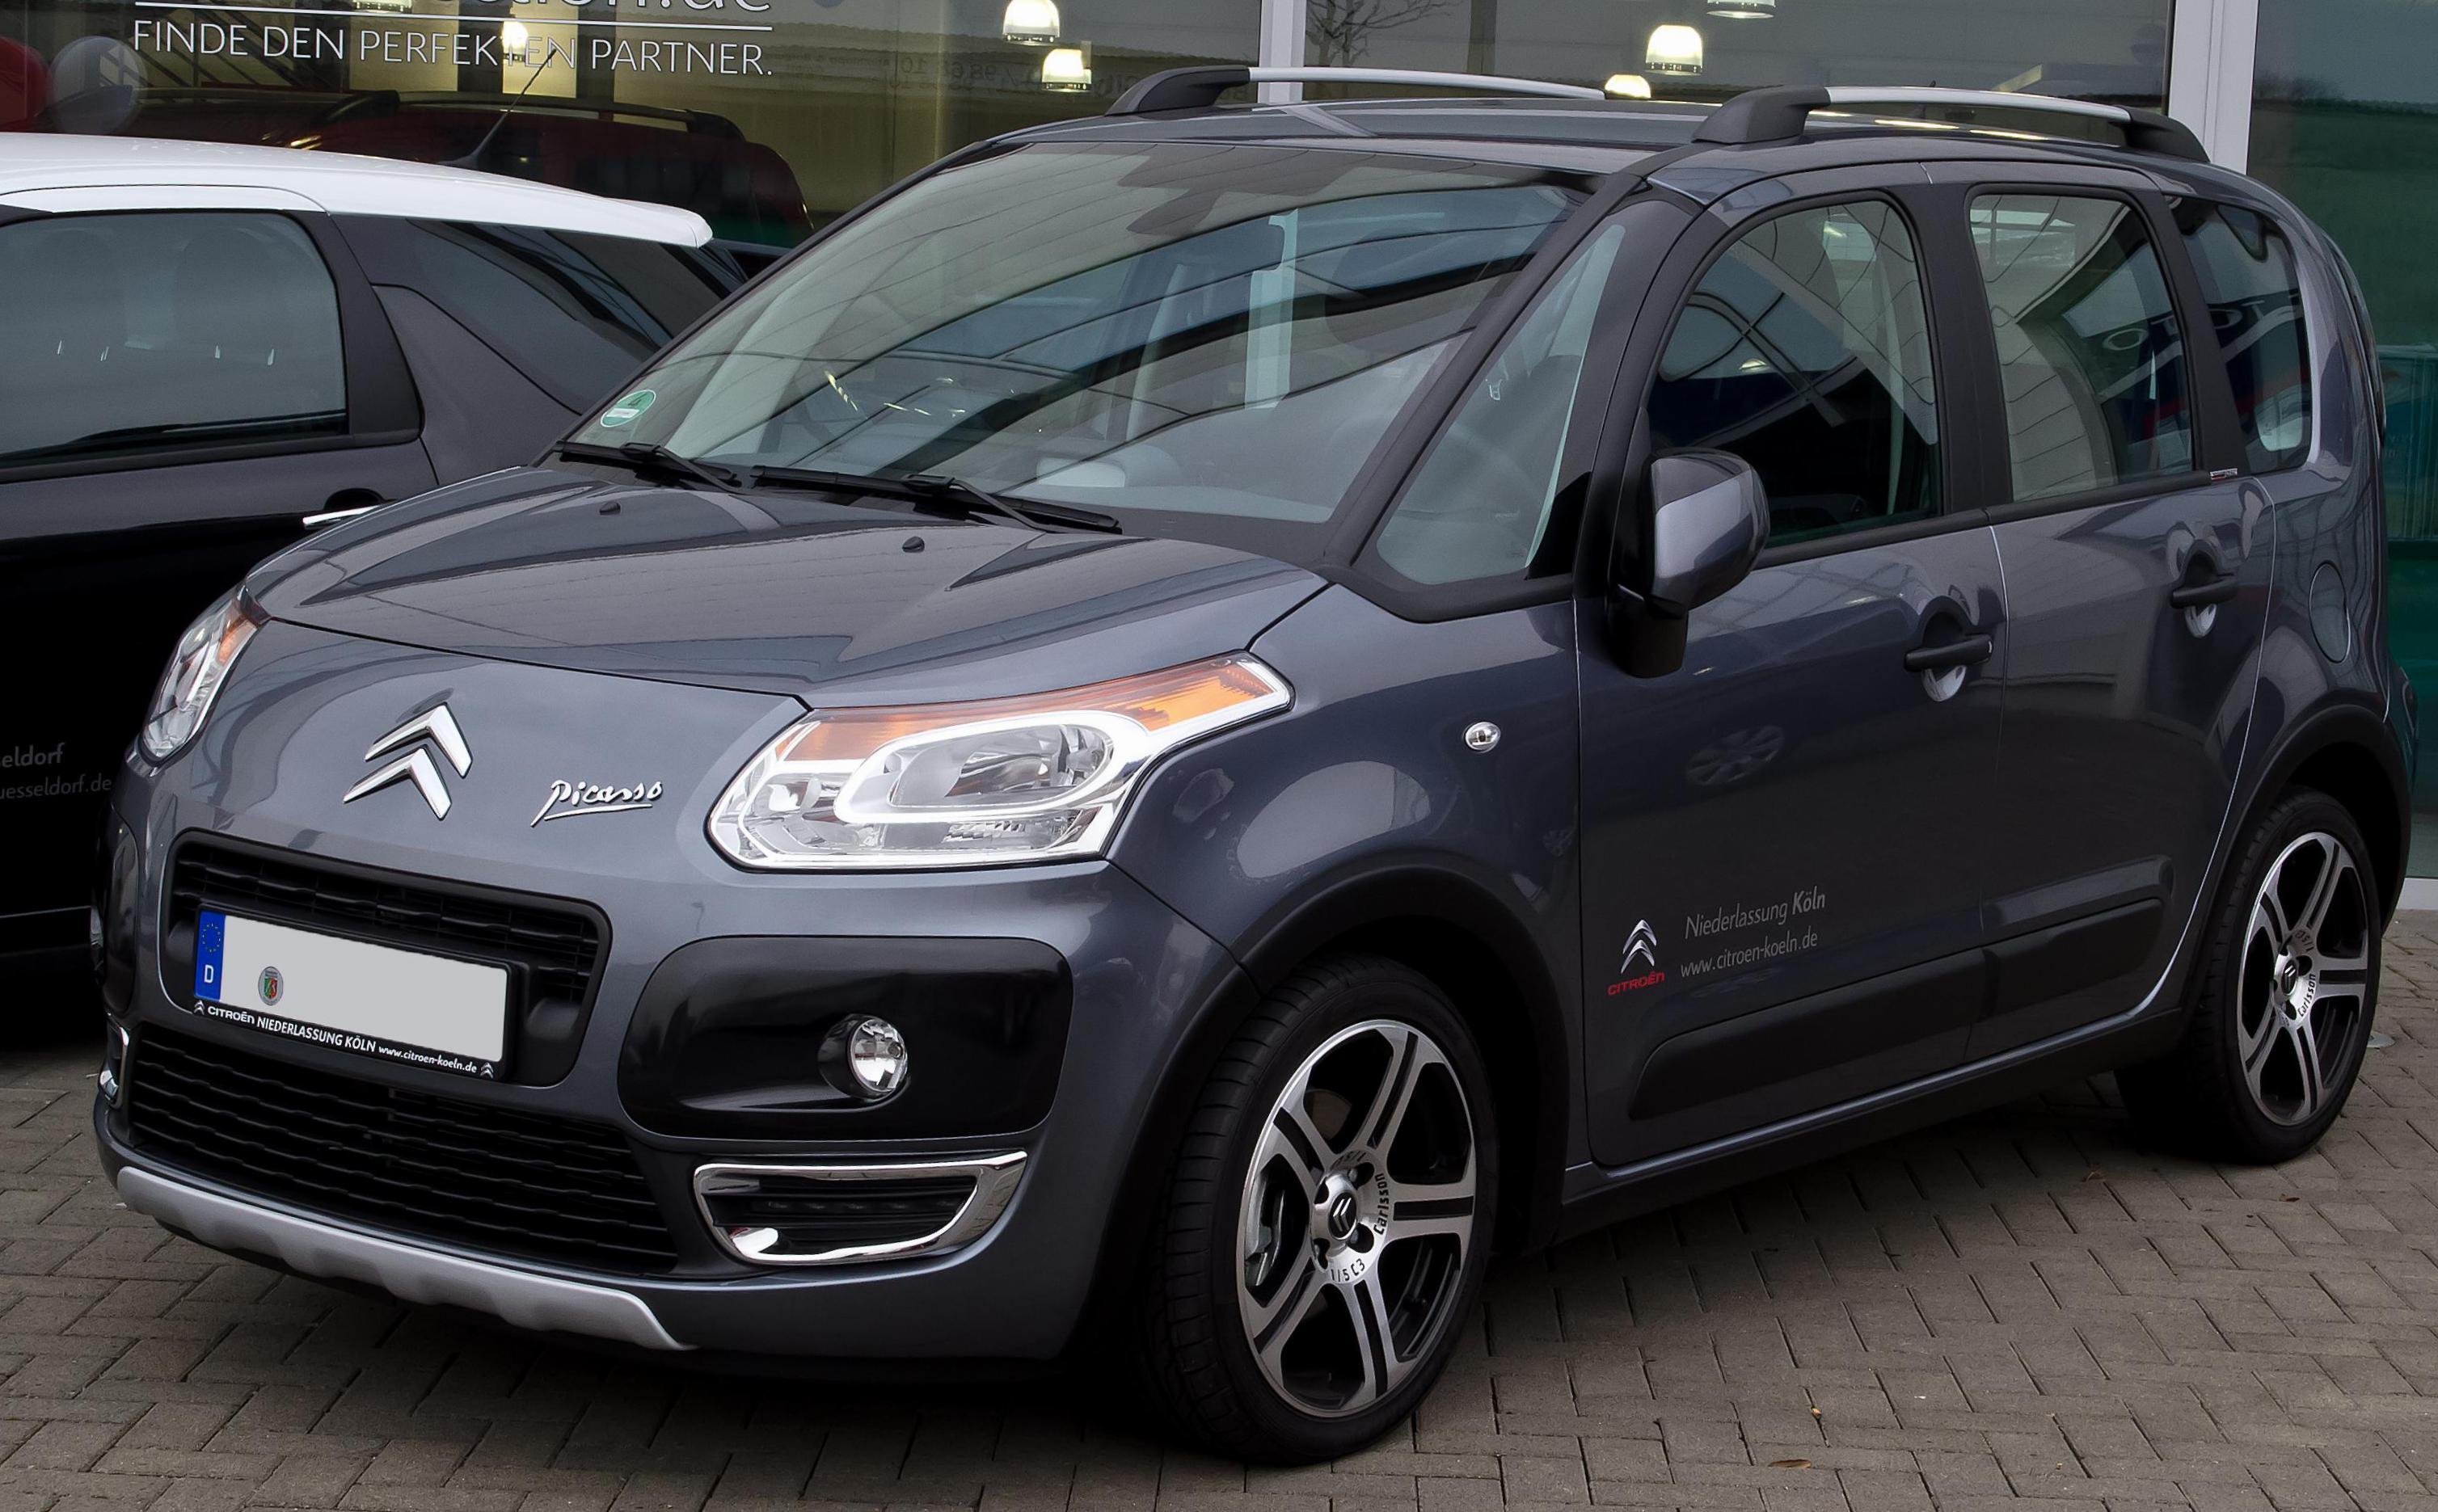 Reviews: Citroen C3 Picasso. Citroën C3 Picasso: specifications, photo